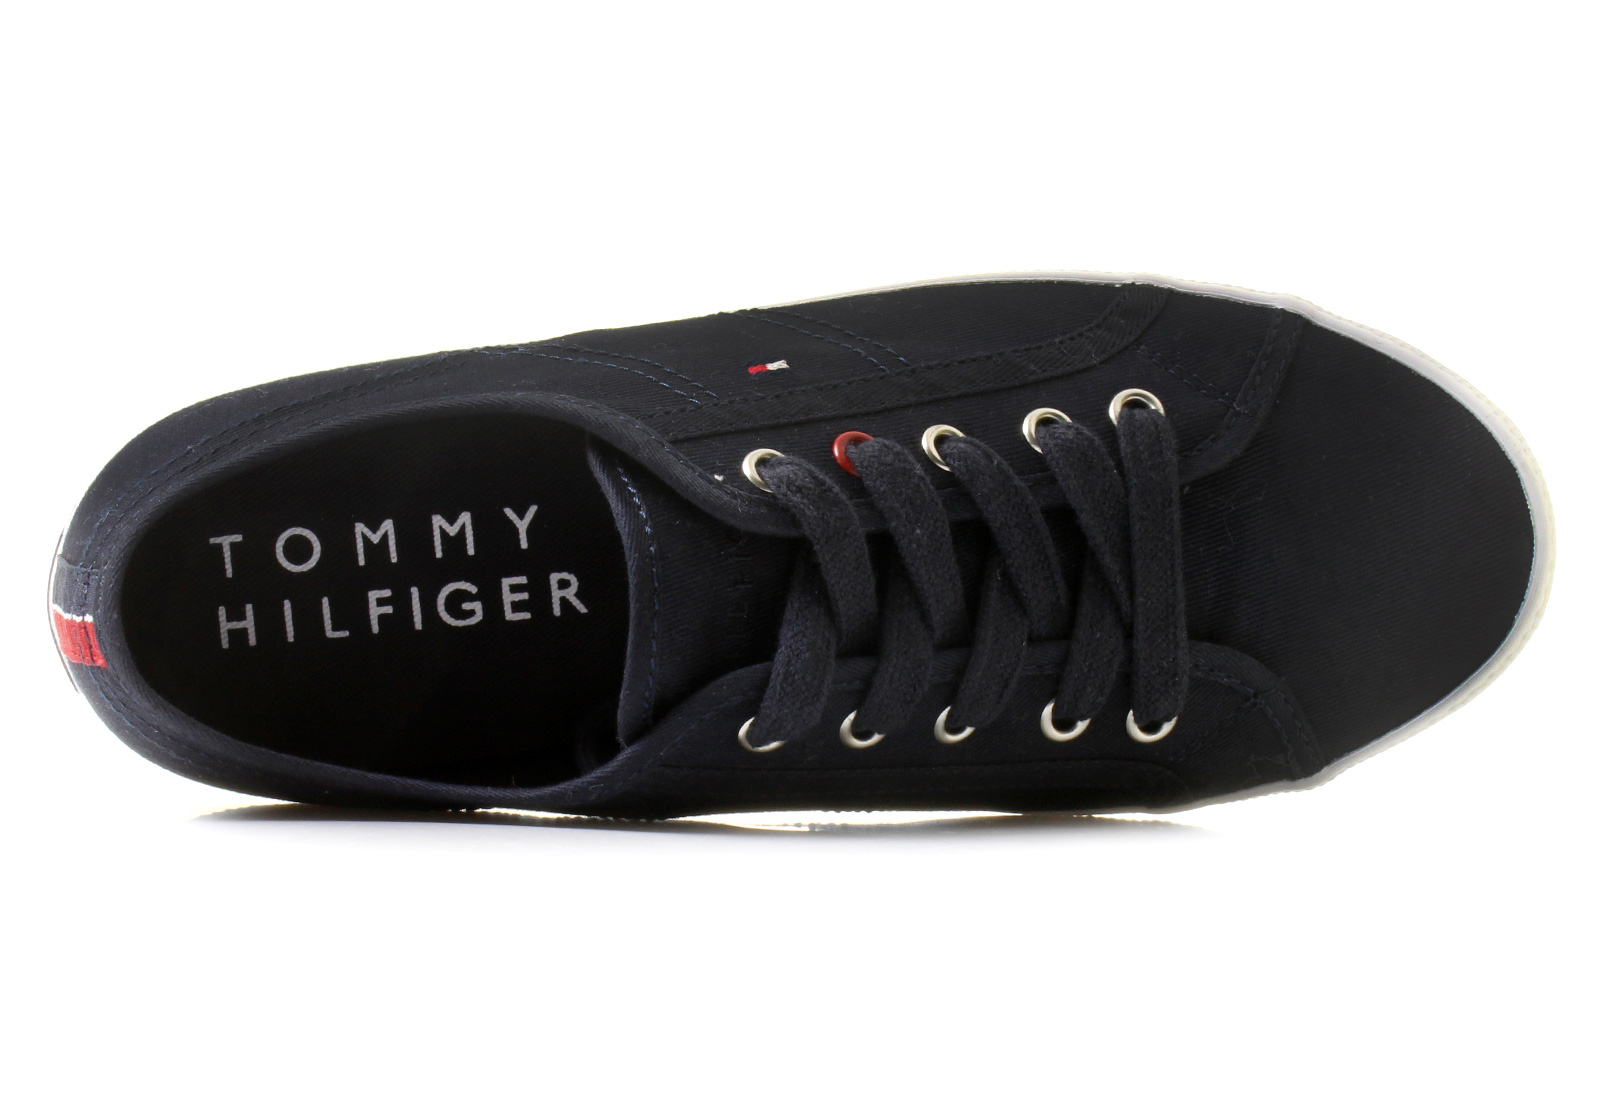 tommy hilfiger sneakers victoria 2d 14s 6884 403 online shop for. Black Bedroom Furniture Sets. Home Design Ideas